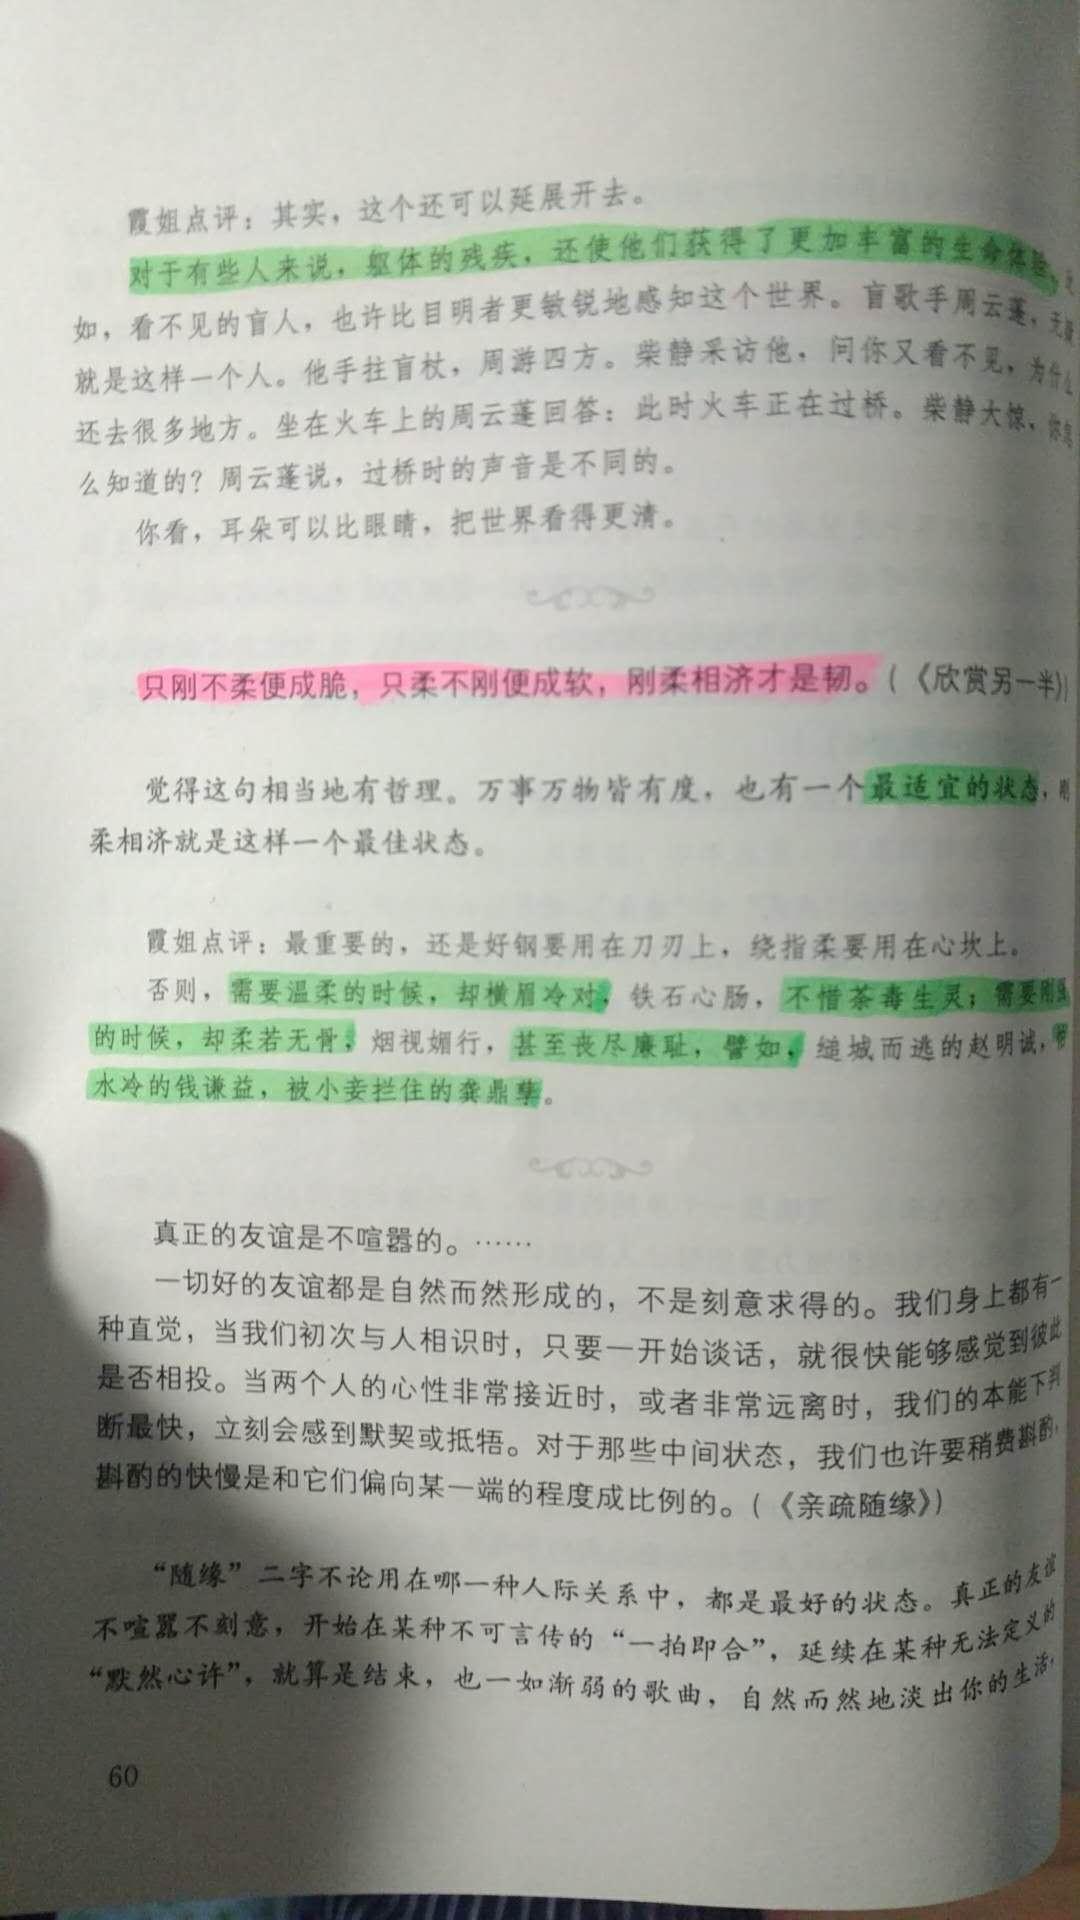 素材议论文v素材地理和高中?农业中国名言高中图片